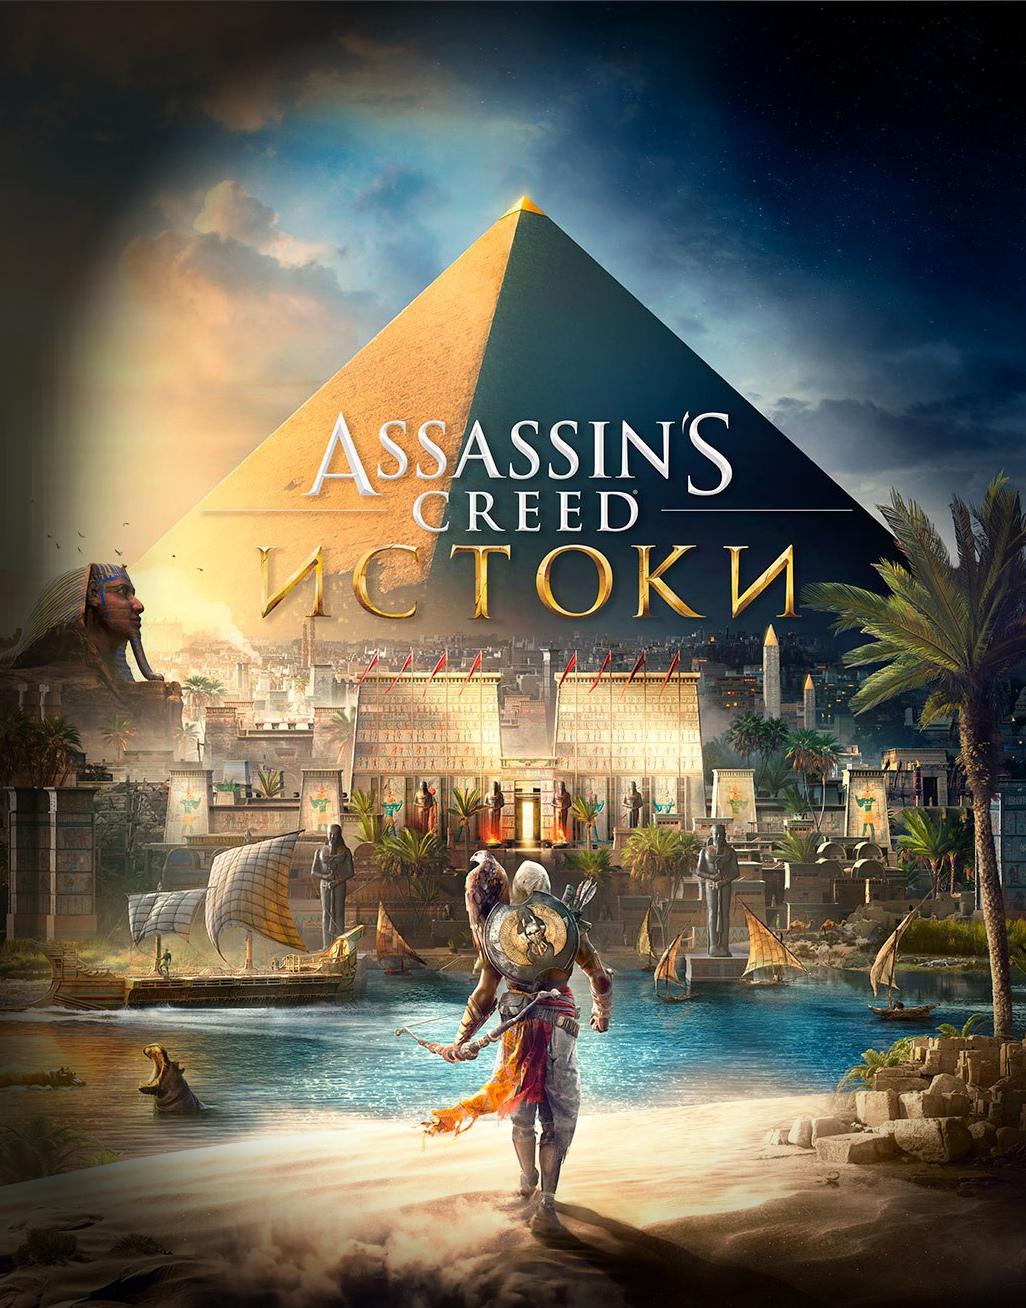 Assassins Creed: Истоки (Origins) (Цифровая версия)Закажите игру Assassins Creed: Истоки до 27 октября 2017 года включительно и получите в подарок дополнительную миссию Тайны первых пирамид.<br>